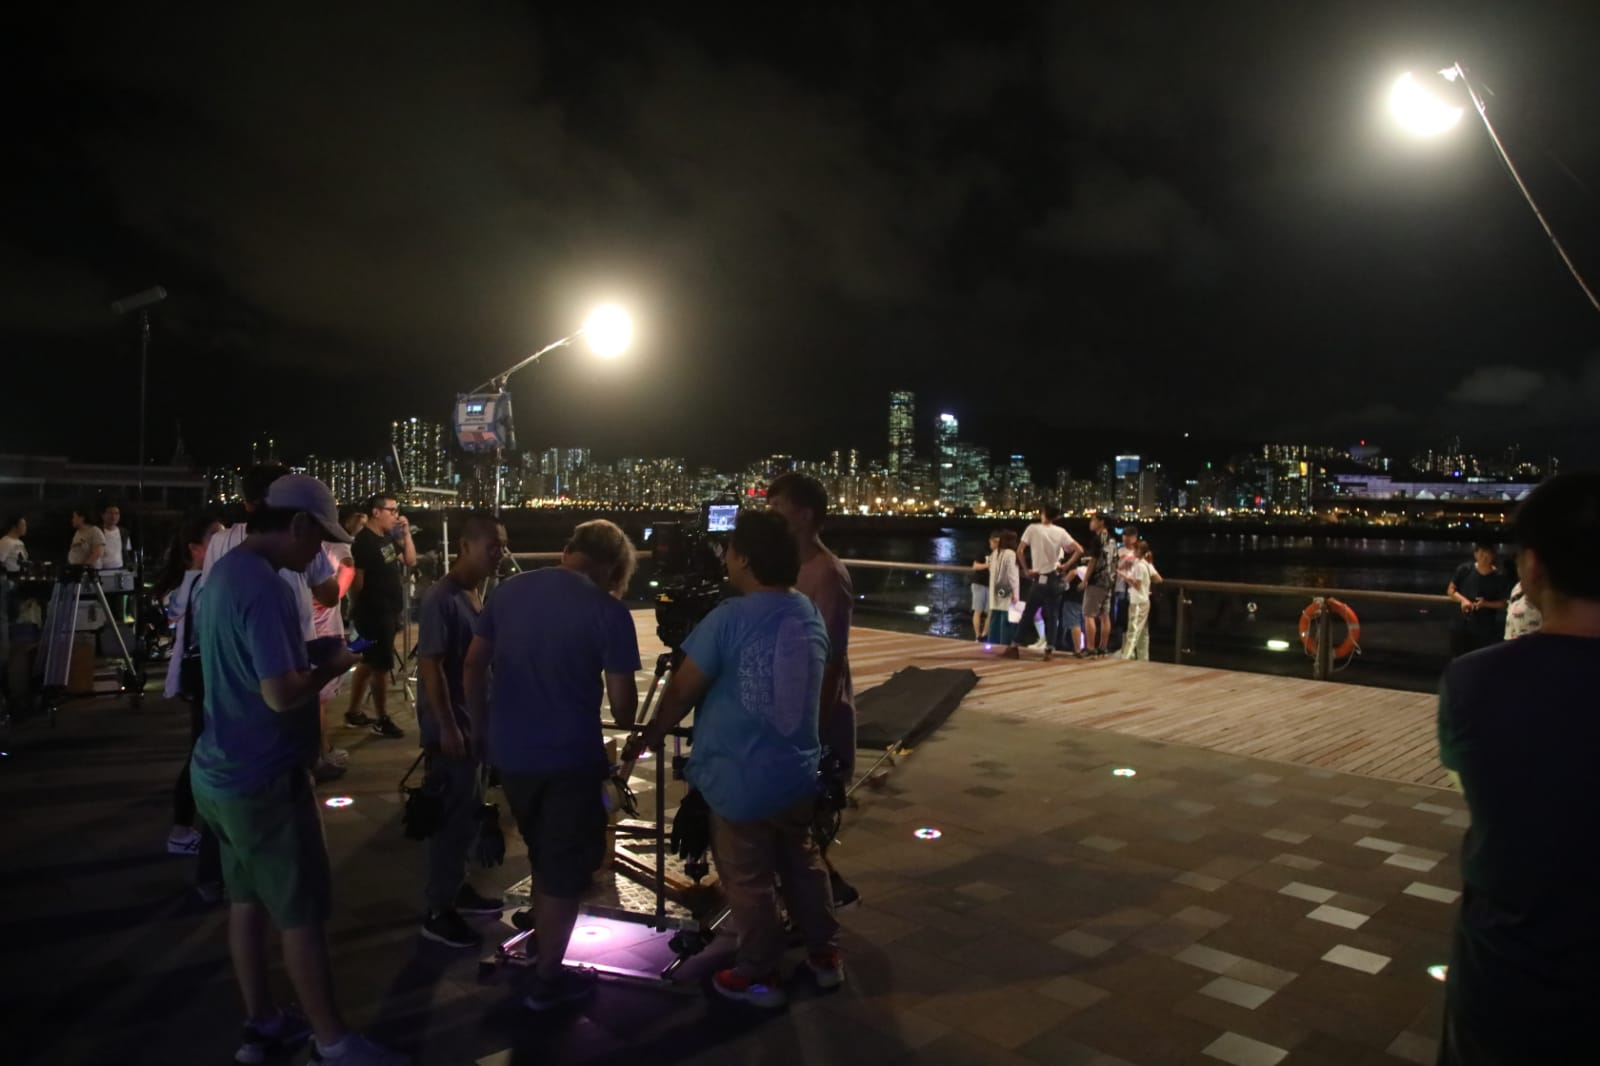 無綫新劇《法證先鋒IV》於觀塘海濱花園拍攝